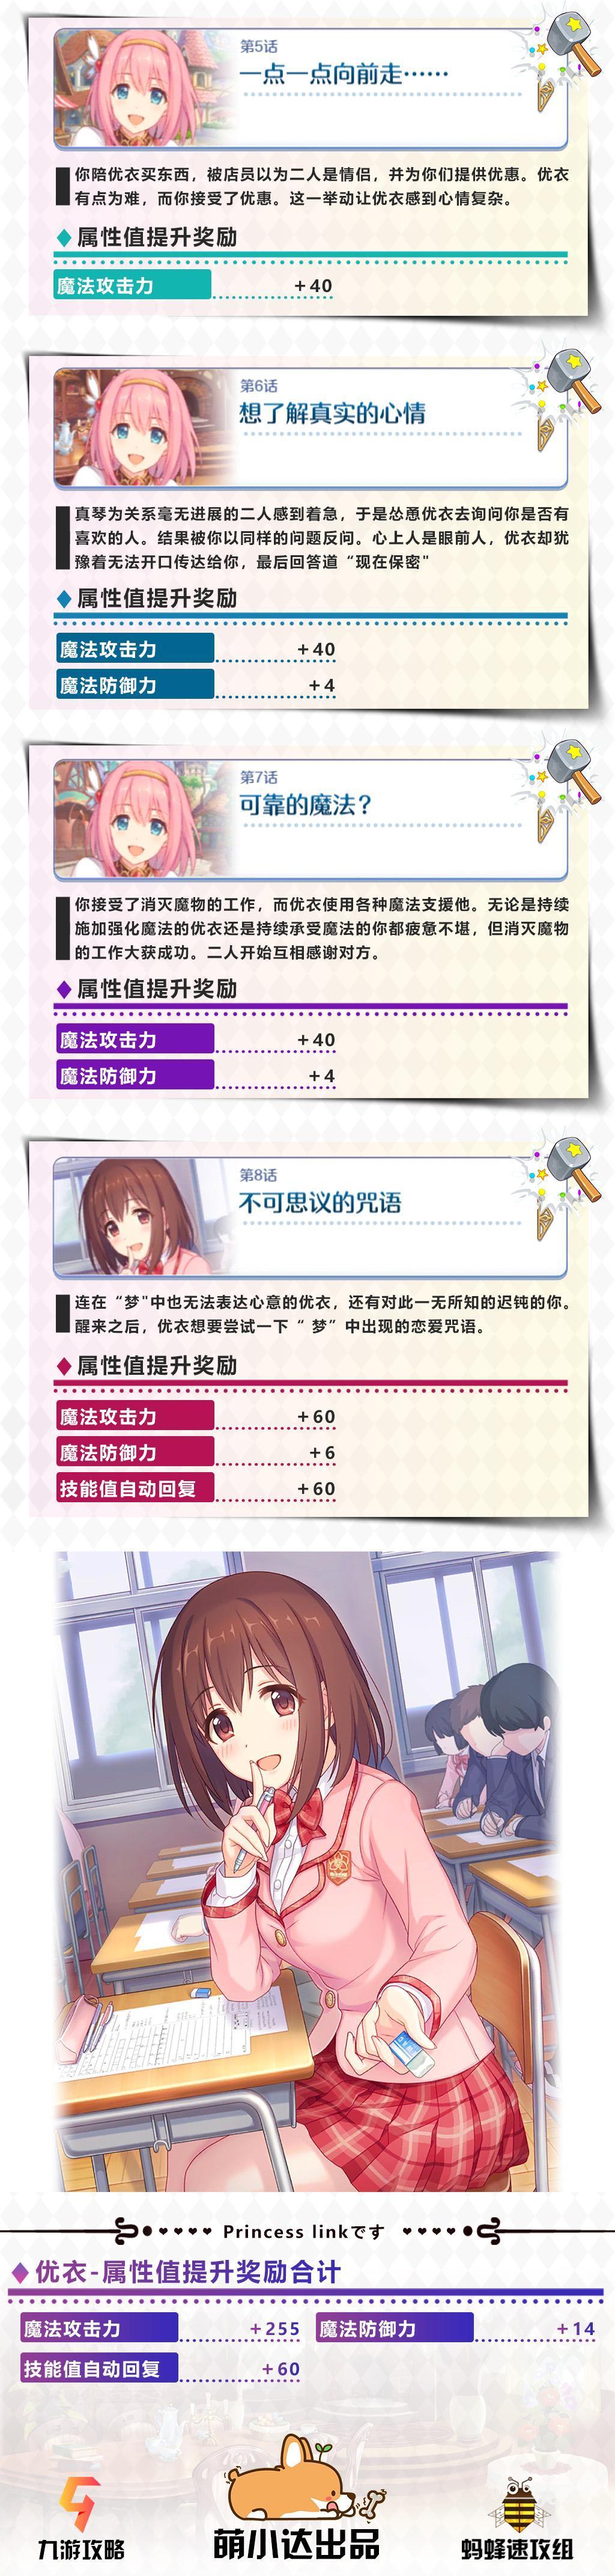 公主剧情s优衣2.jpg